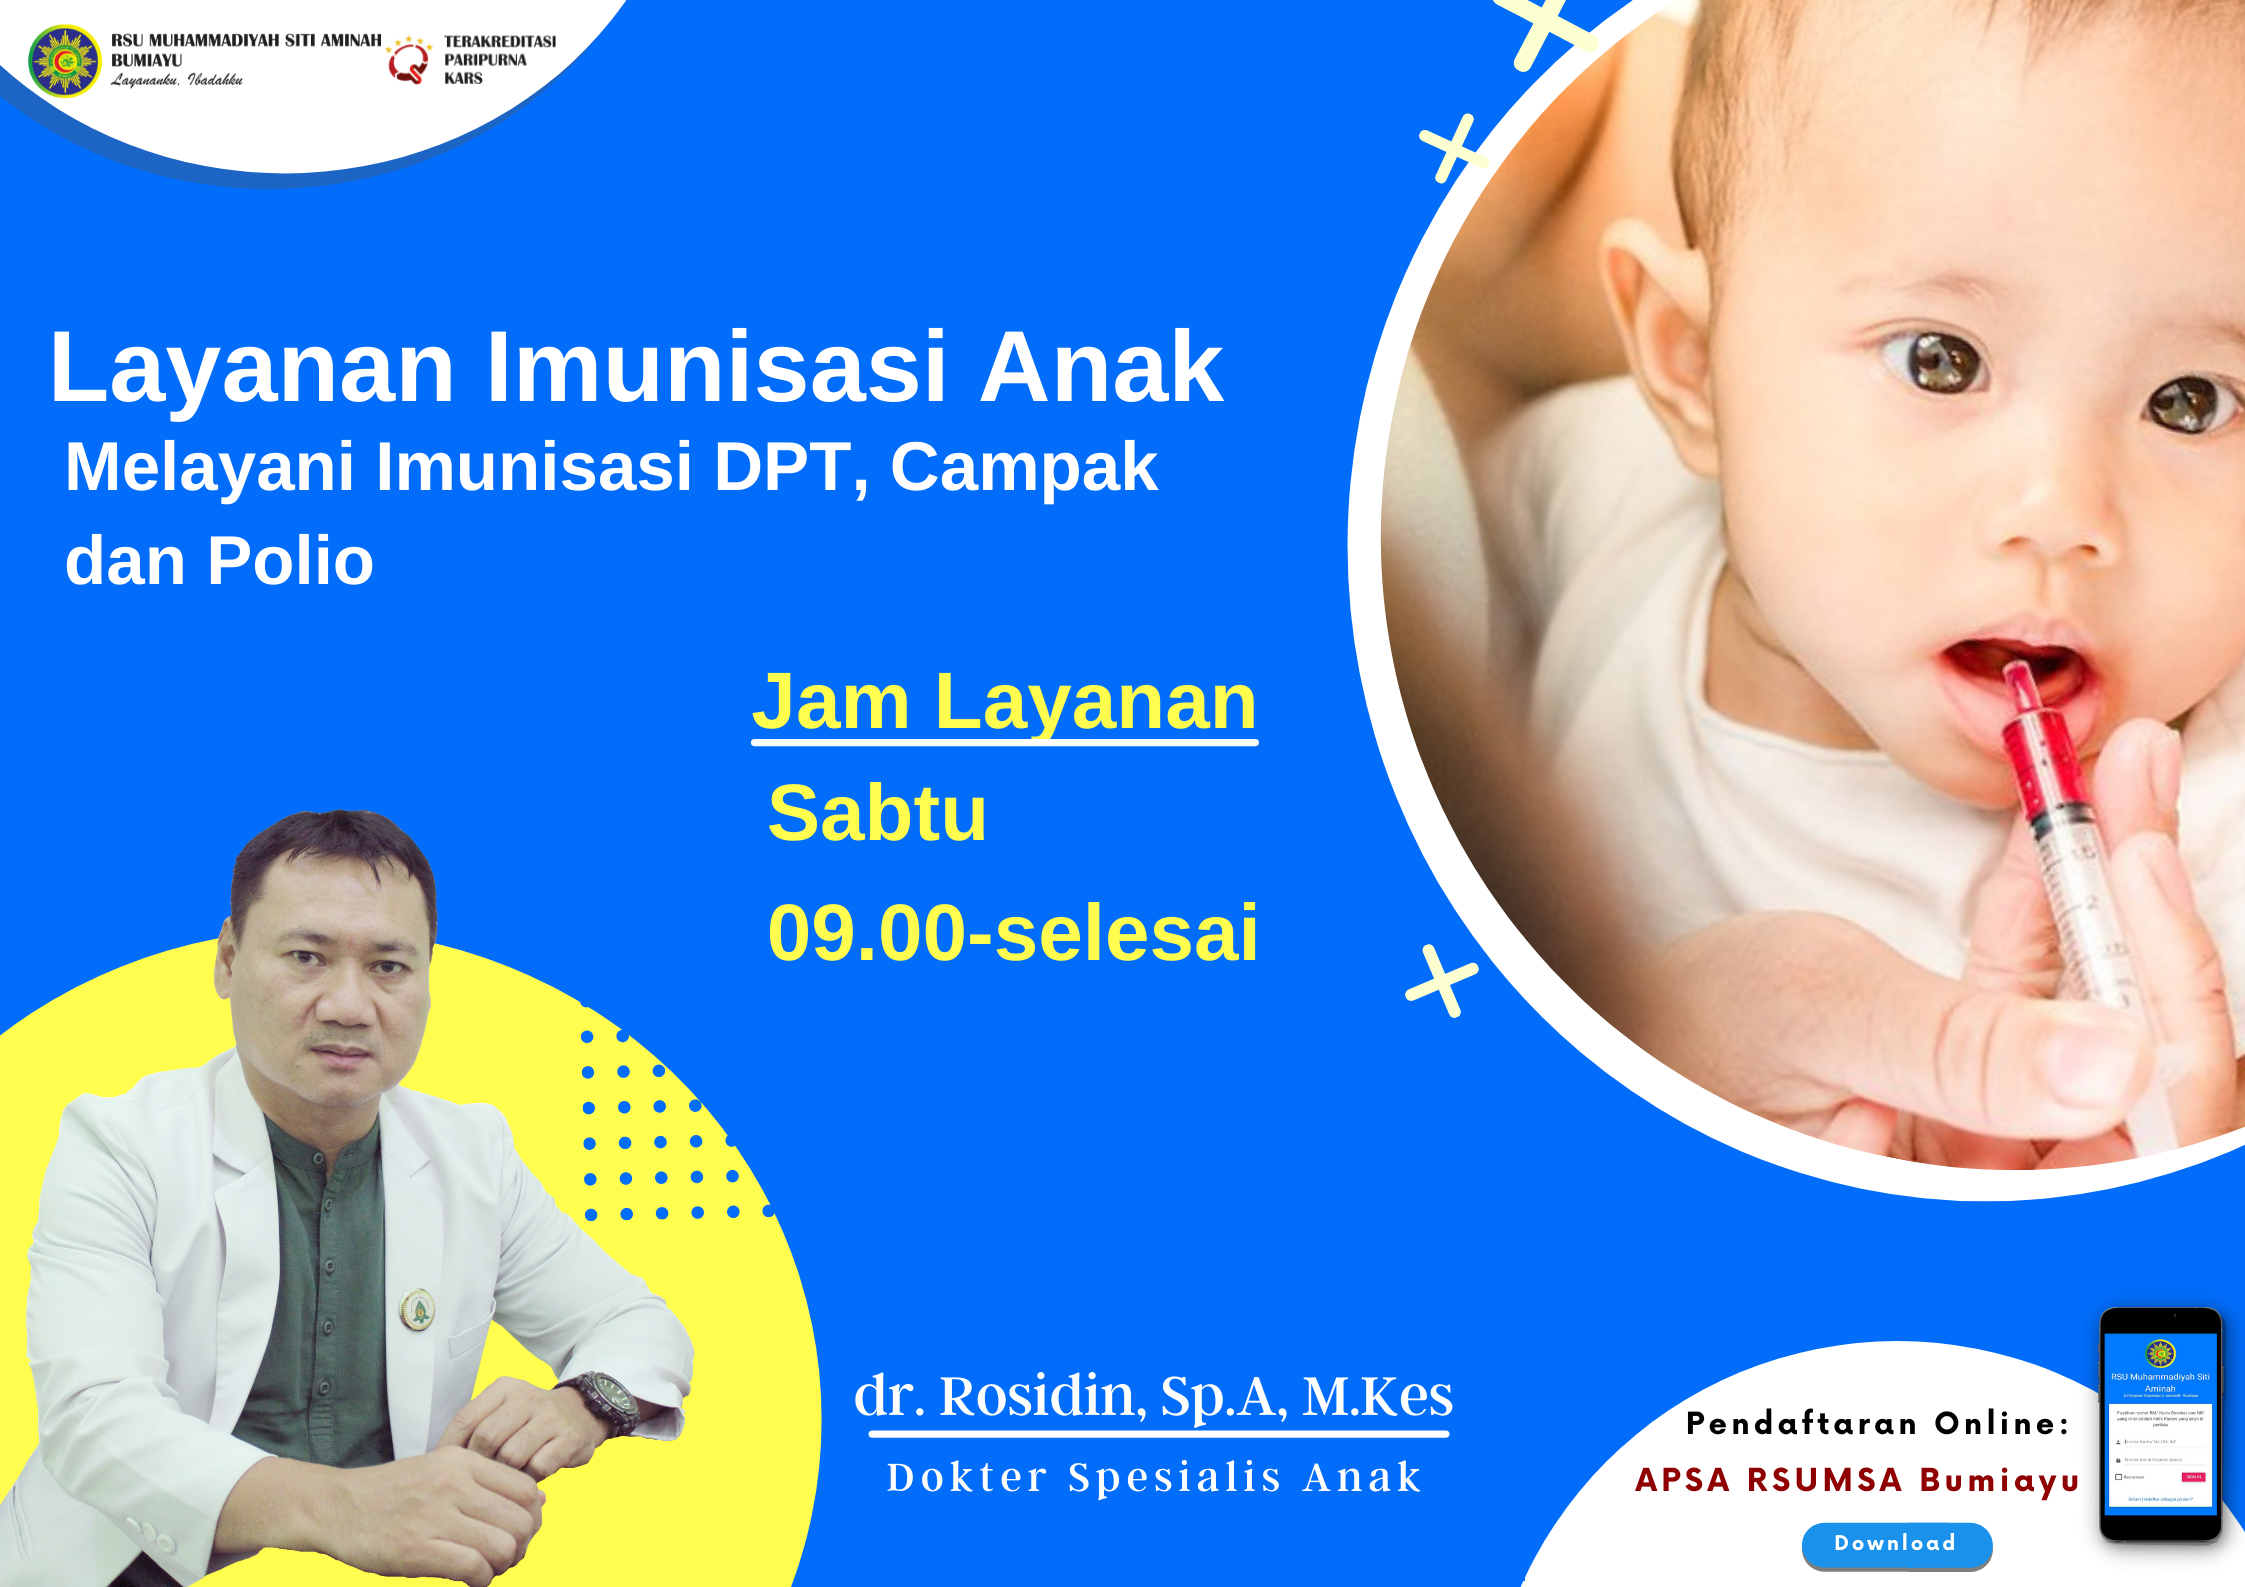 Layanan Imunisasi Anak